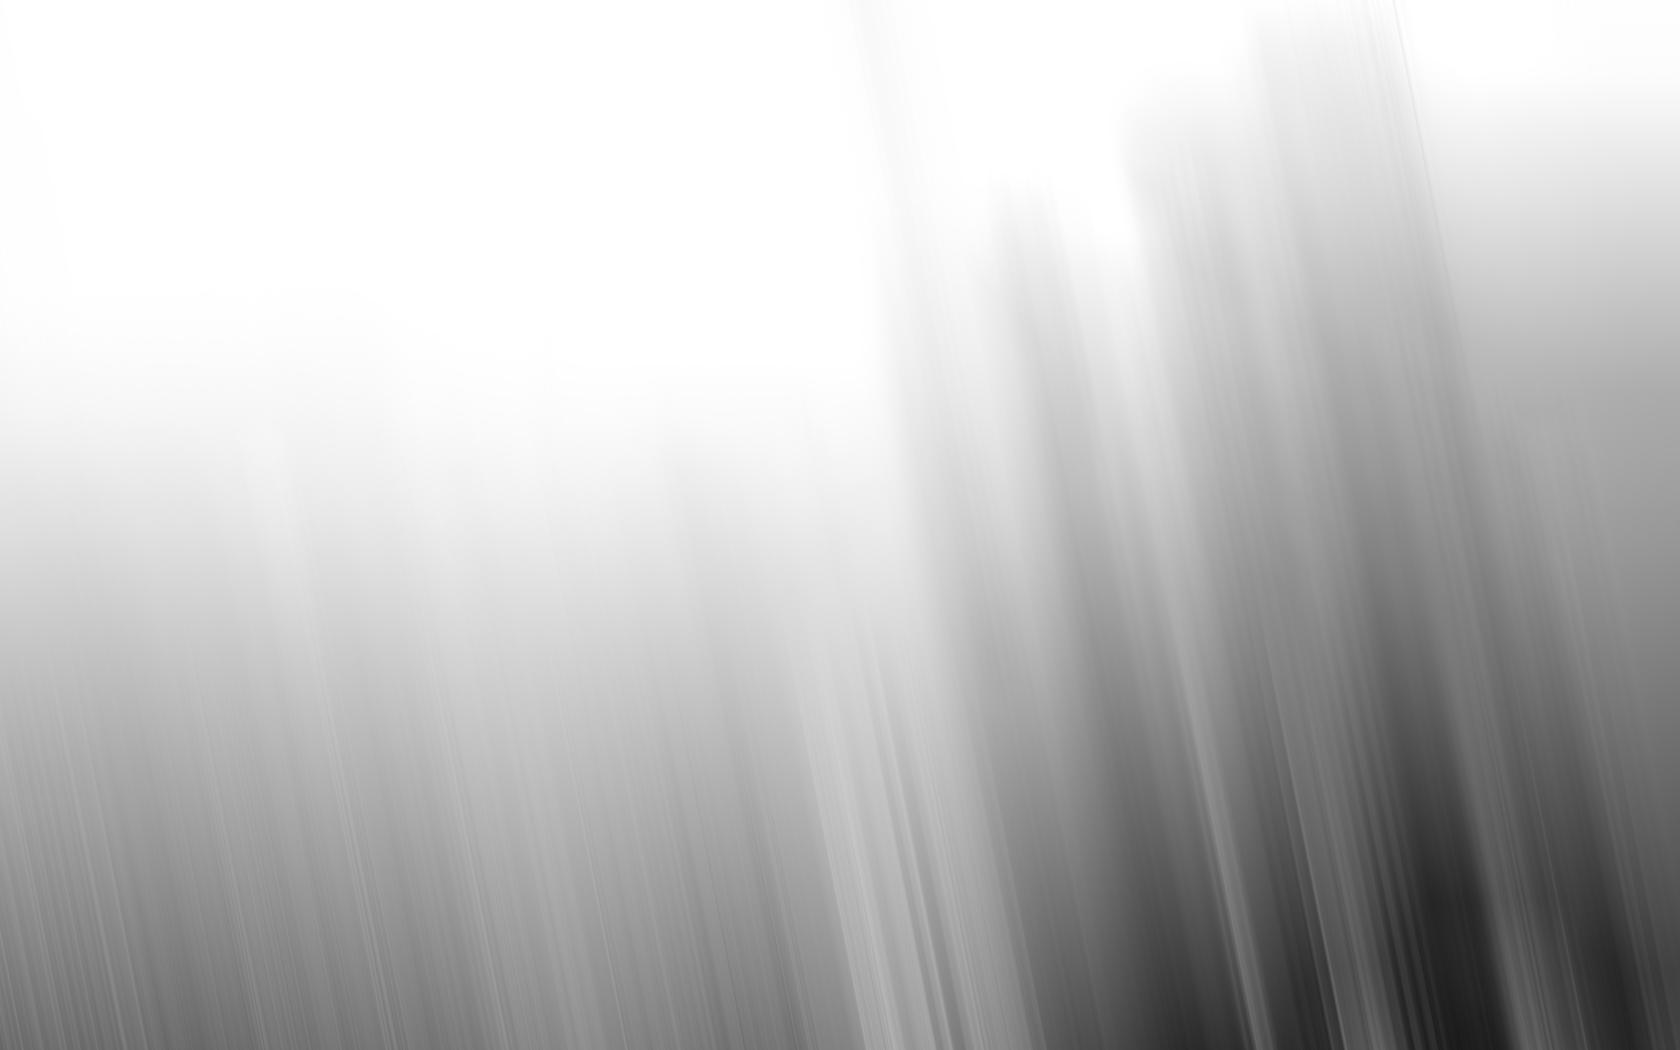 stalking the brushed aluminum by shiku 1680x1050